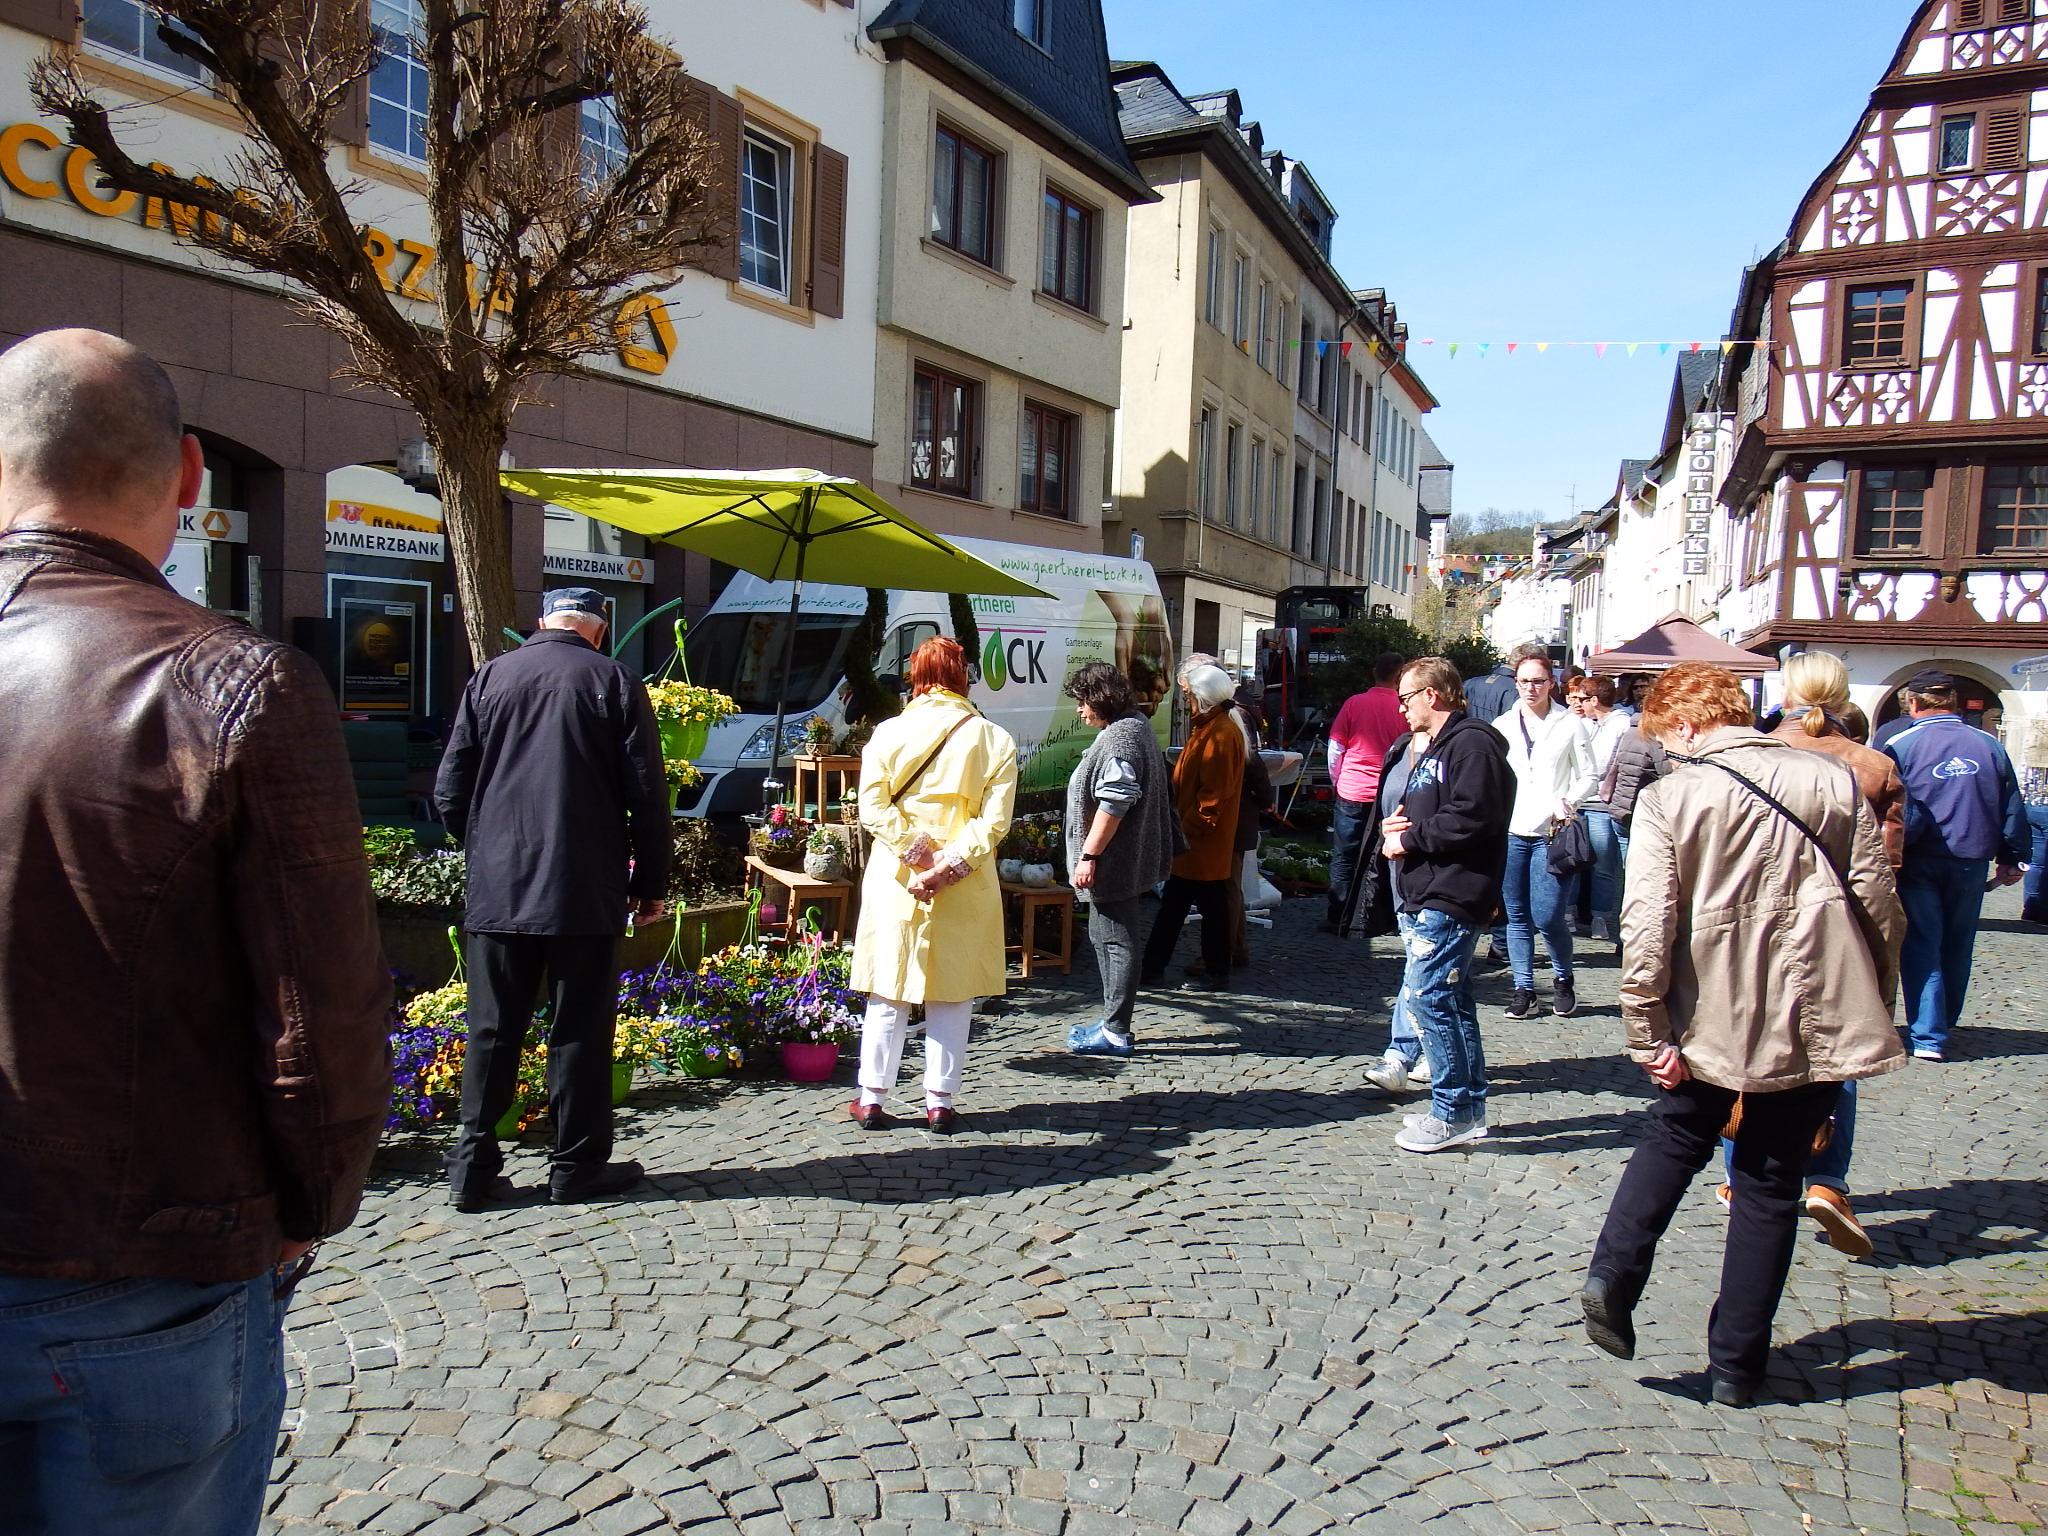 Publikumsverkehr Kirn Aktiv - Gärtnerei Bock - Galabau - Kirn - Bad Sobernheim - Meisenheim - Bad Kreuznach - Idar-Oberstein